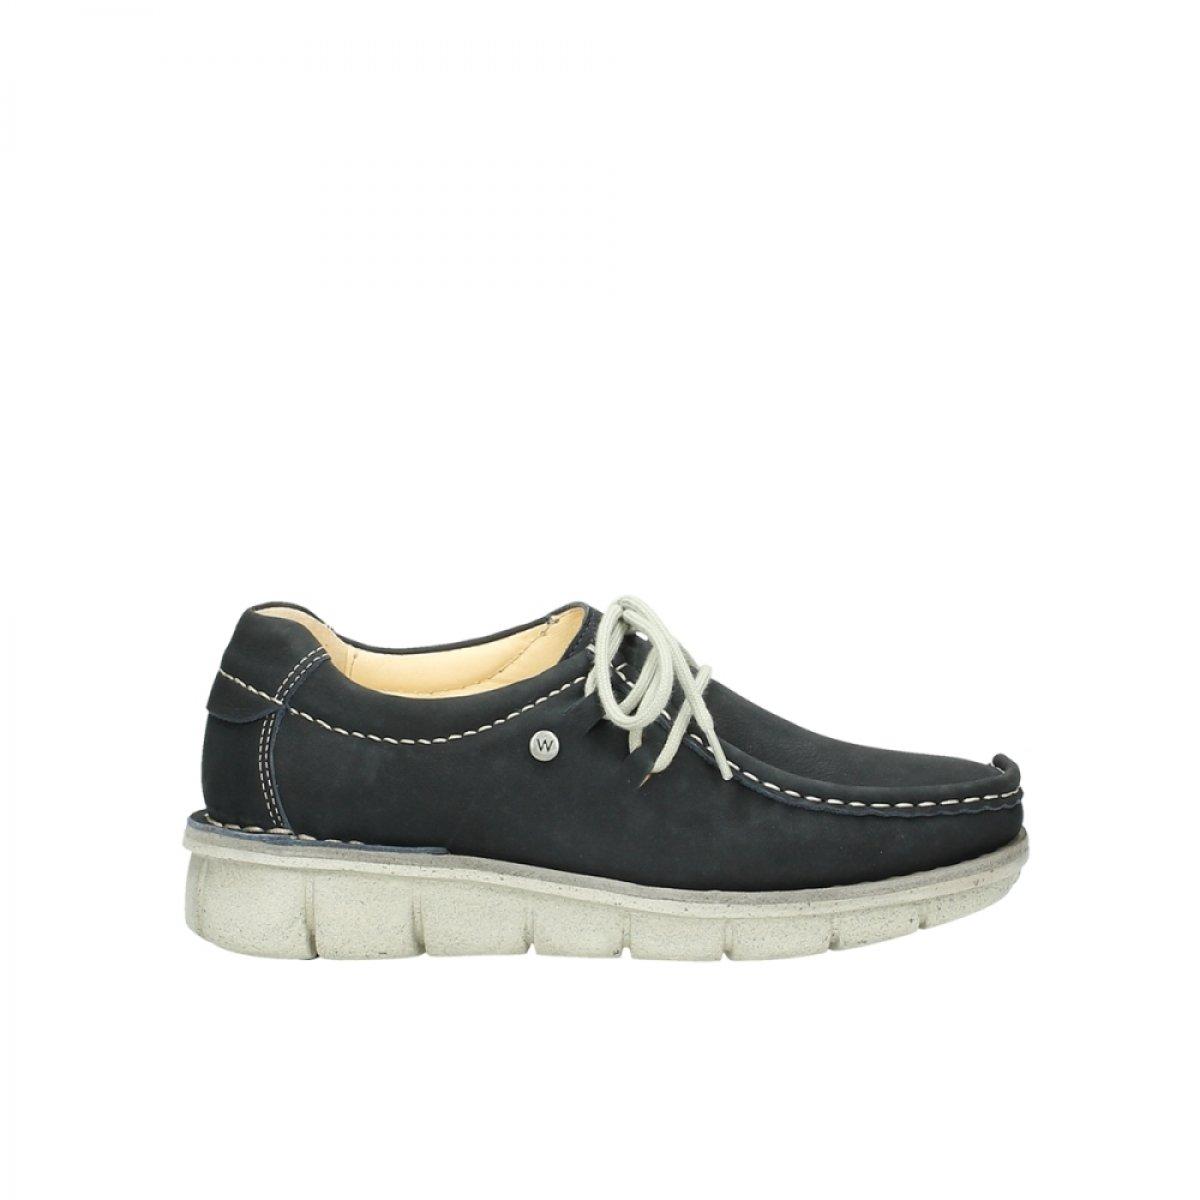 Wolky Comfort Lace up Shoes Dutch B00WDWEU1I 40 M EU|10070 Black Nubuck